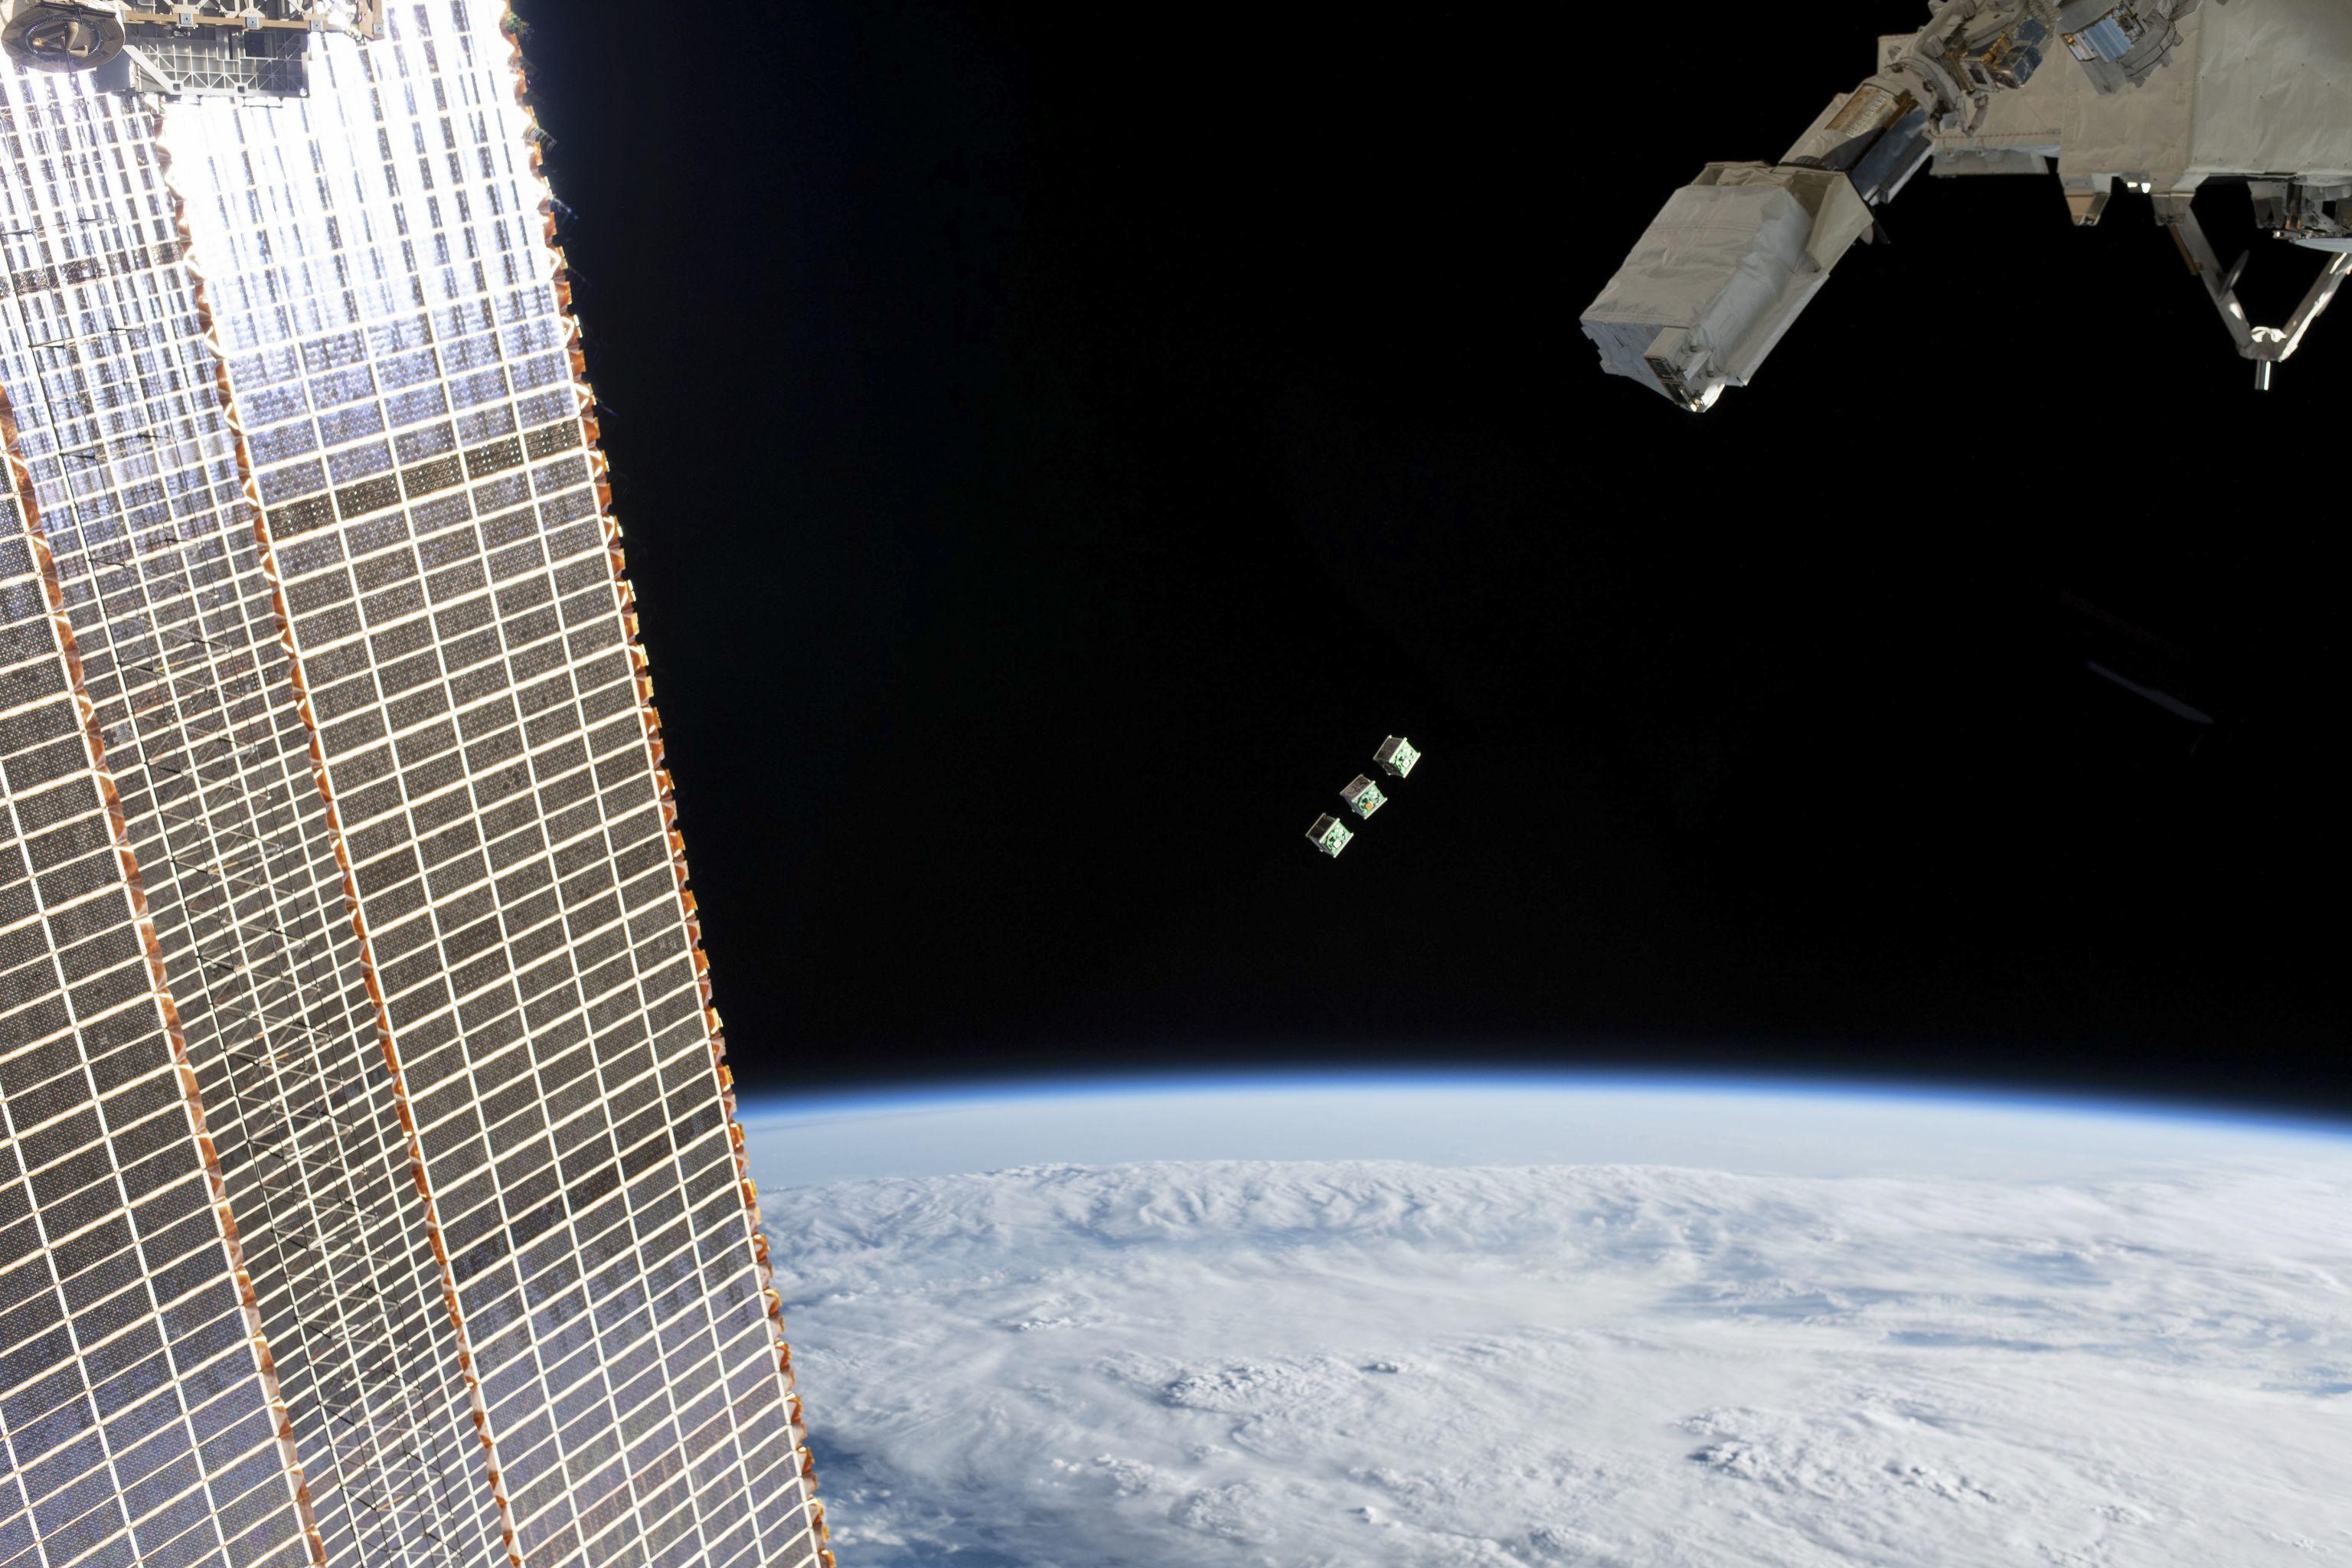 Conjunto de três CubeSats logo após serem ejetados do pequeno satélite orbital Deployer, ligado a um braço robótico no exterior do módulo do laboratório Kibo da Agência de Exploração Aeroespacial Japonesa, 17 de junho de 2019